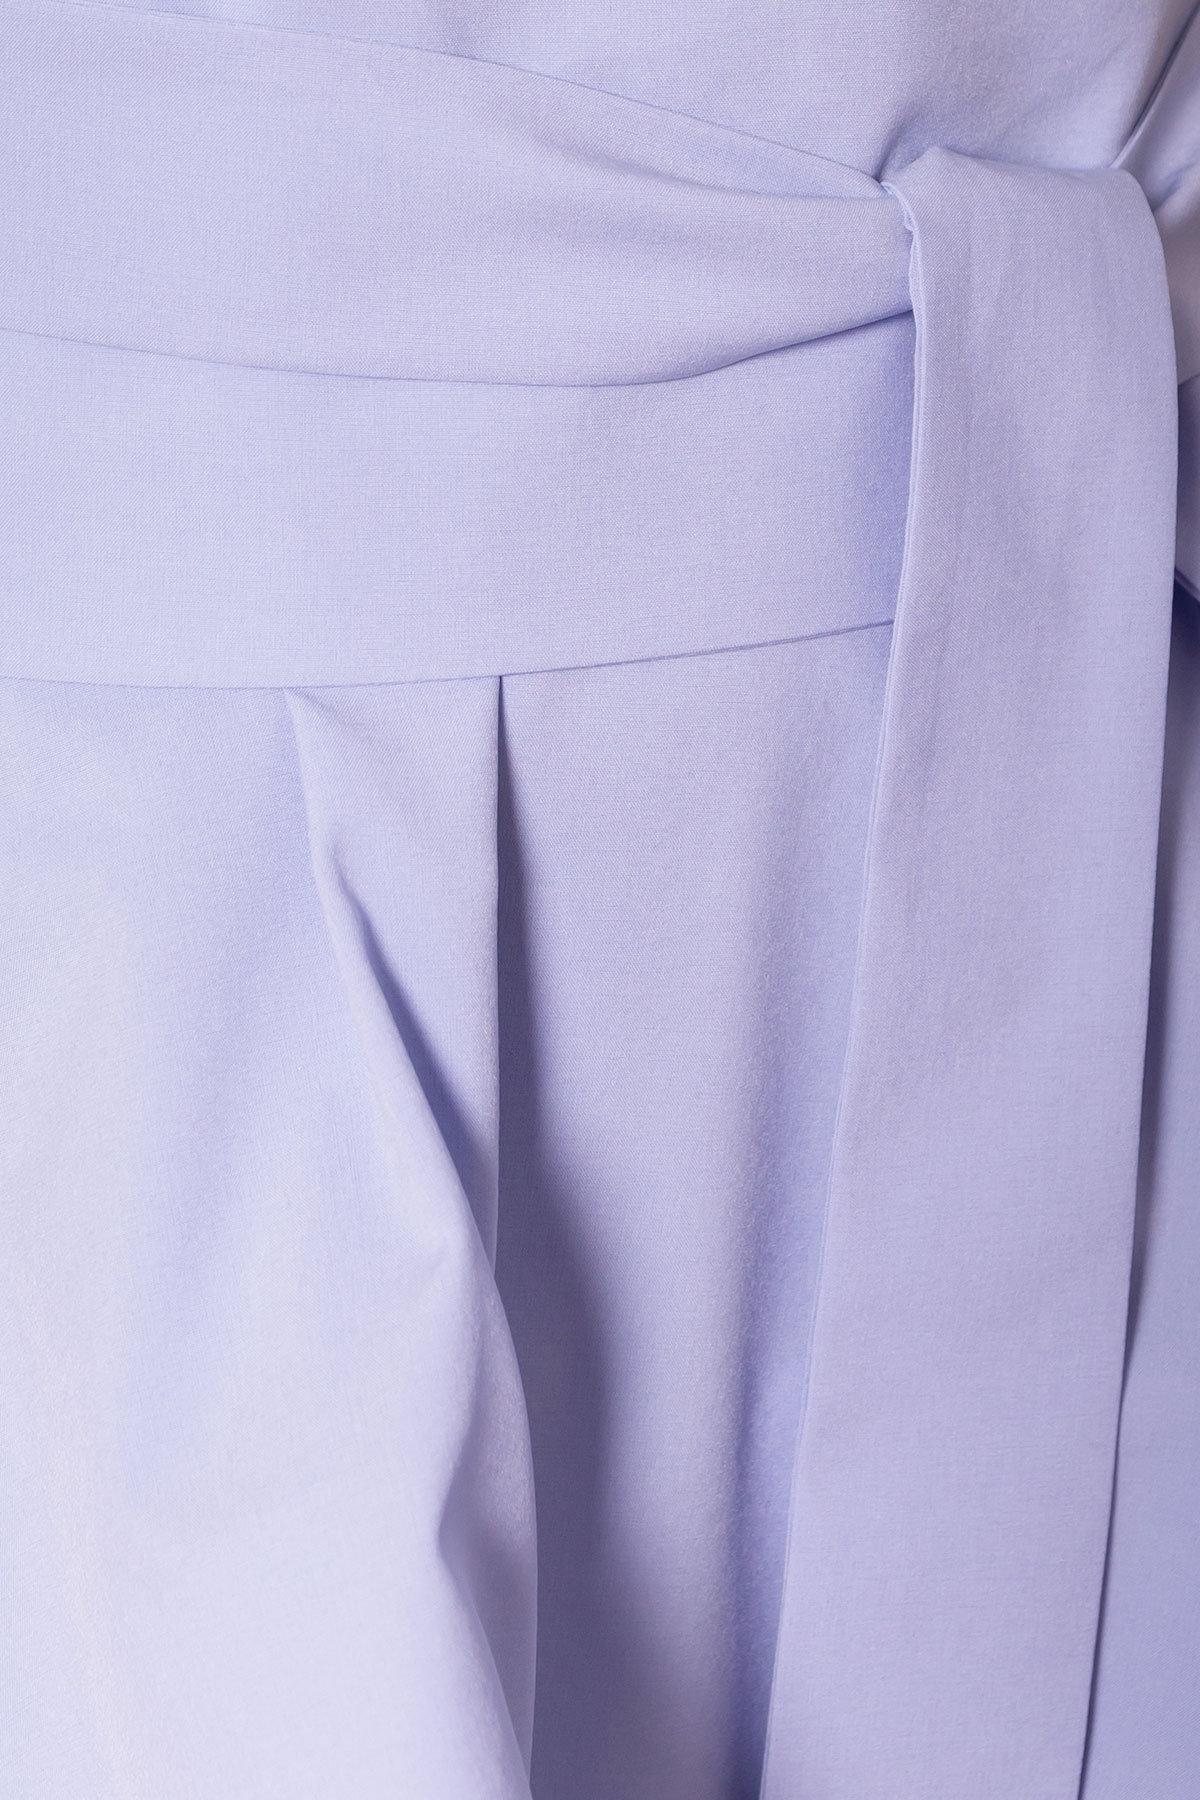 Платье Афродита 7243 АРТ. 42812 Цвет: Голубой - фото 4, интернет магазин tm-modus.ru